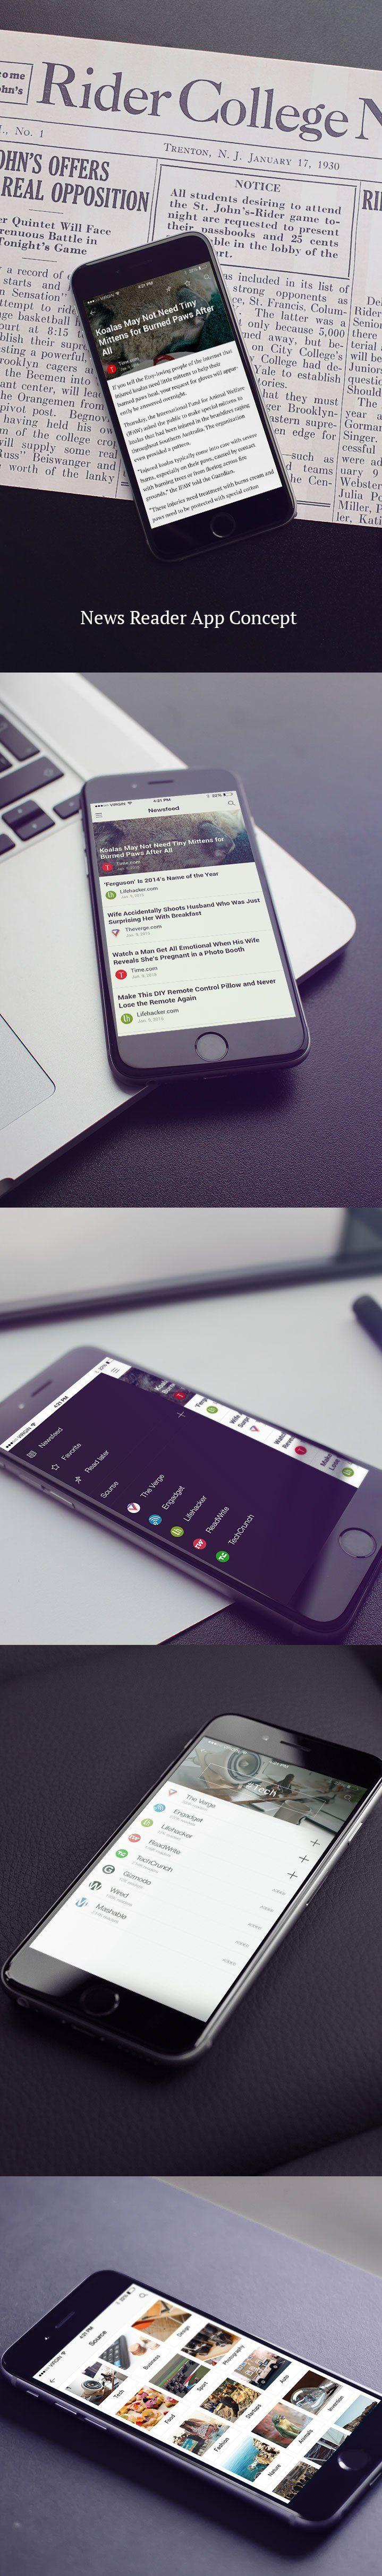 Mejores 25 imágenes de FYP en Pinterest | Android, Diseño web y ...